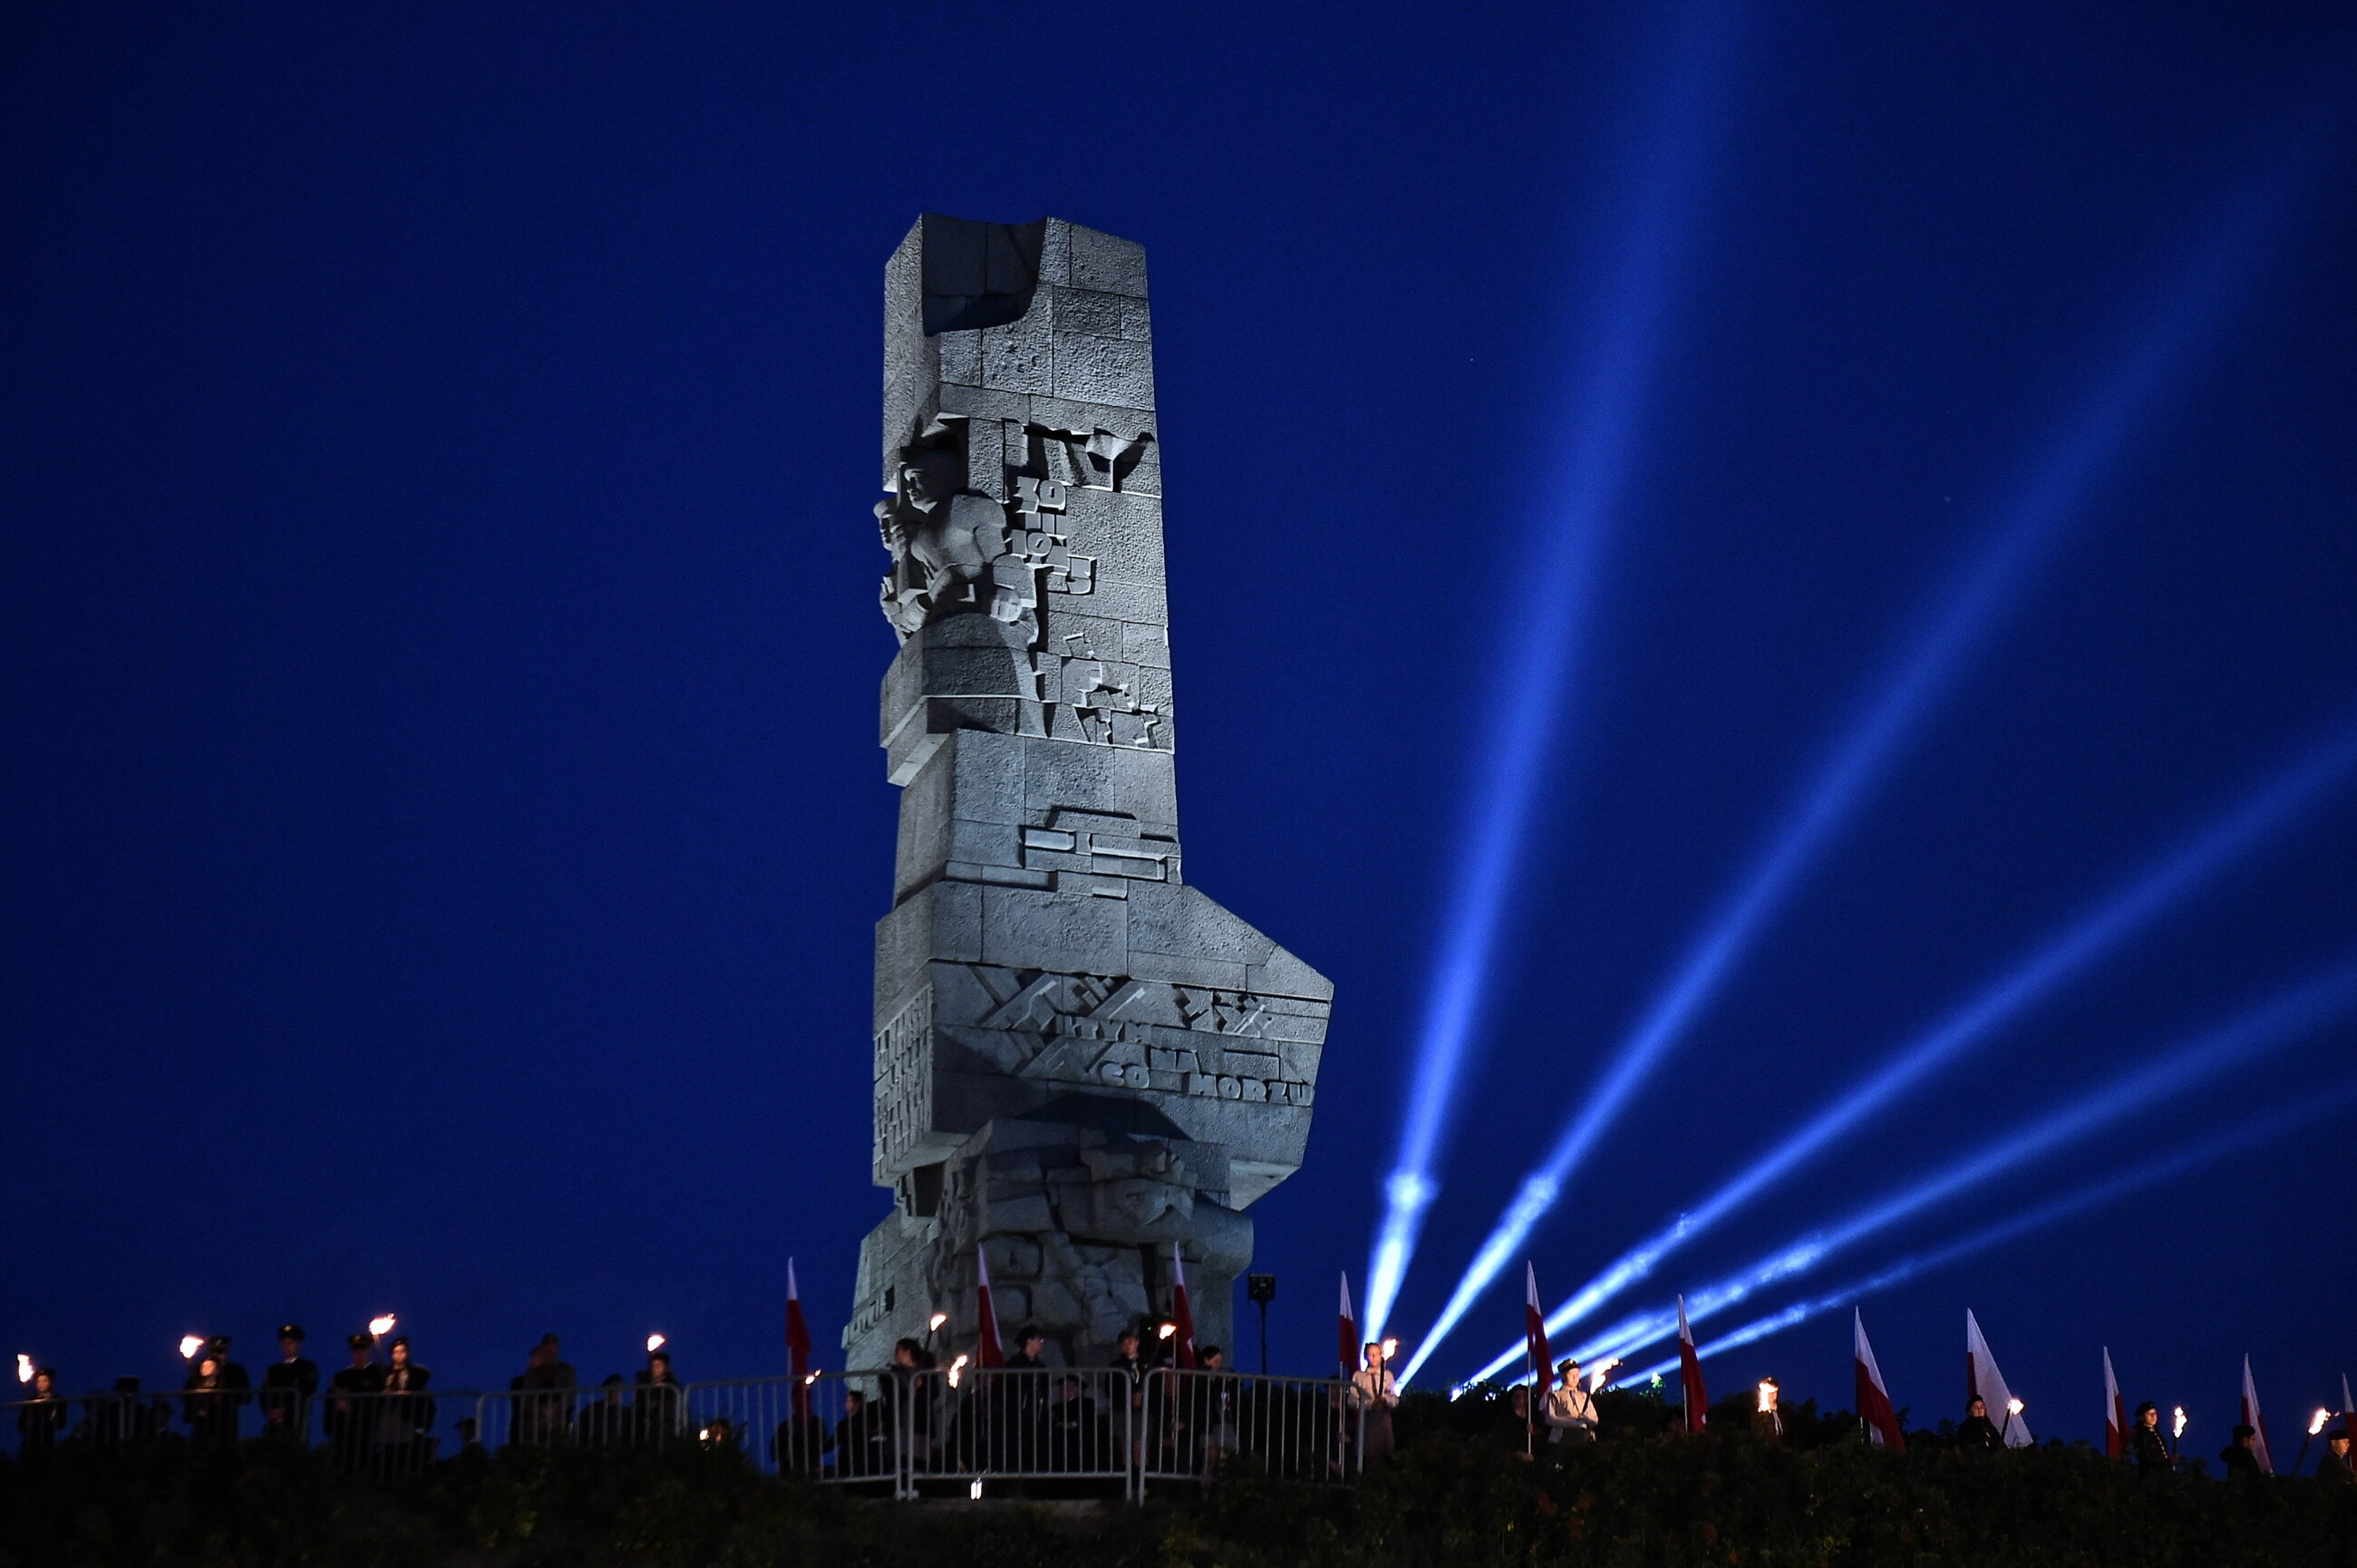 Uroczystości upamiętniające 79. rocznicę wybuchu II wojny światowej przed Pomnikiem Obrońców Wybrzeża na Westerplatte,